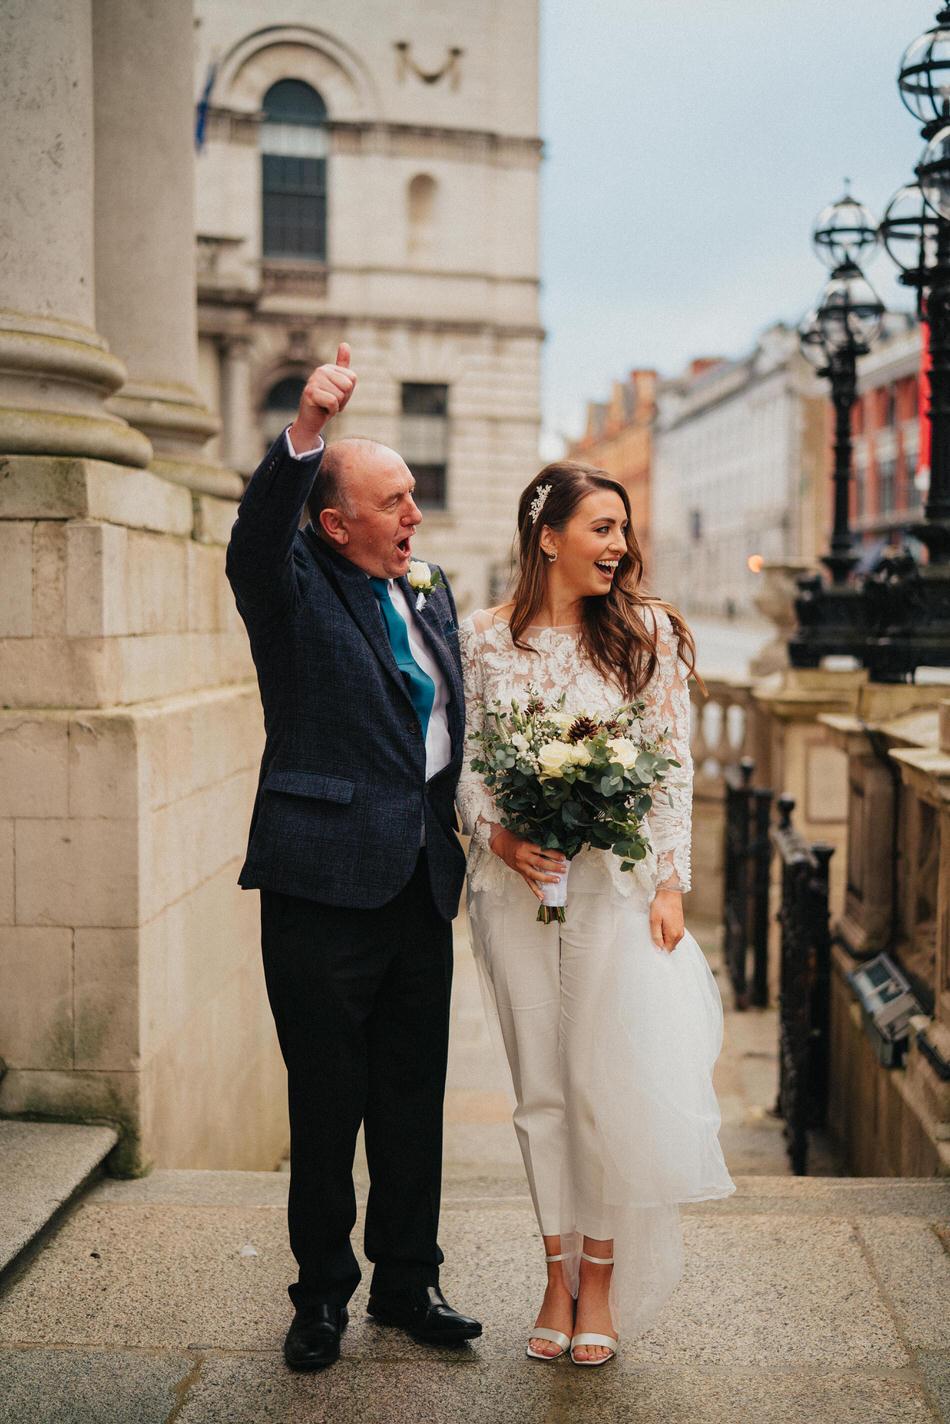 City-hall-dublin-wedding-photos-14 13